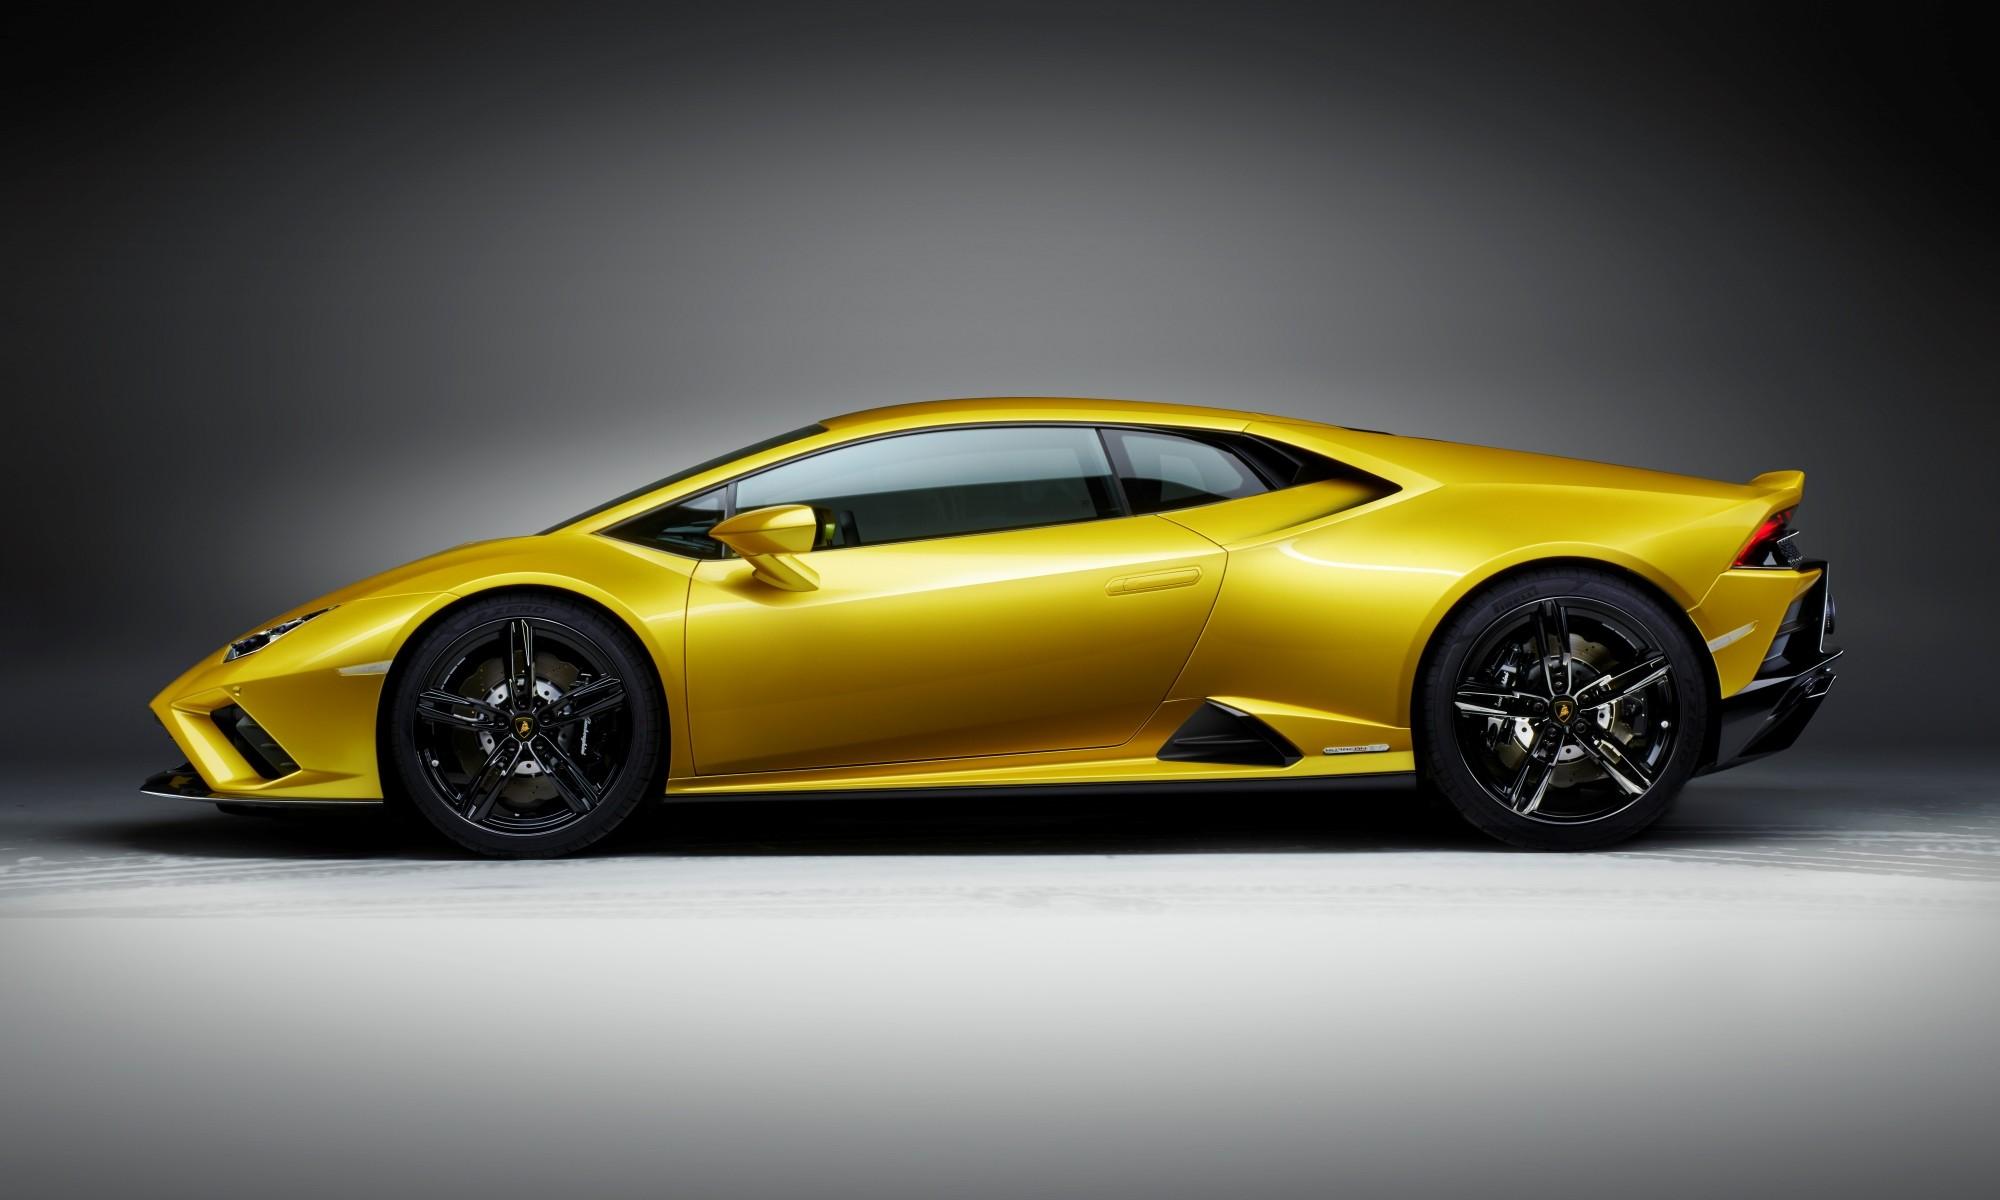 Lamborghini Huracan Evo RWD profile